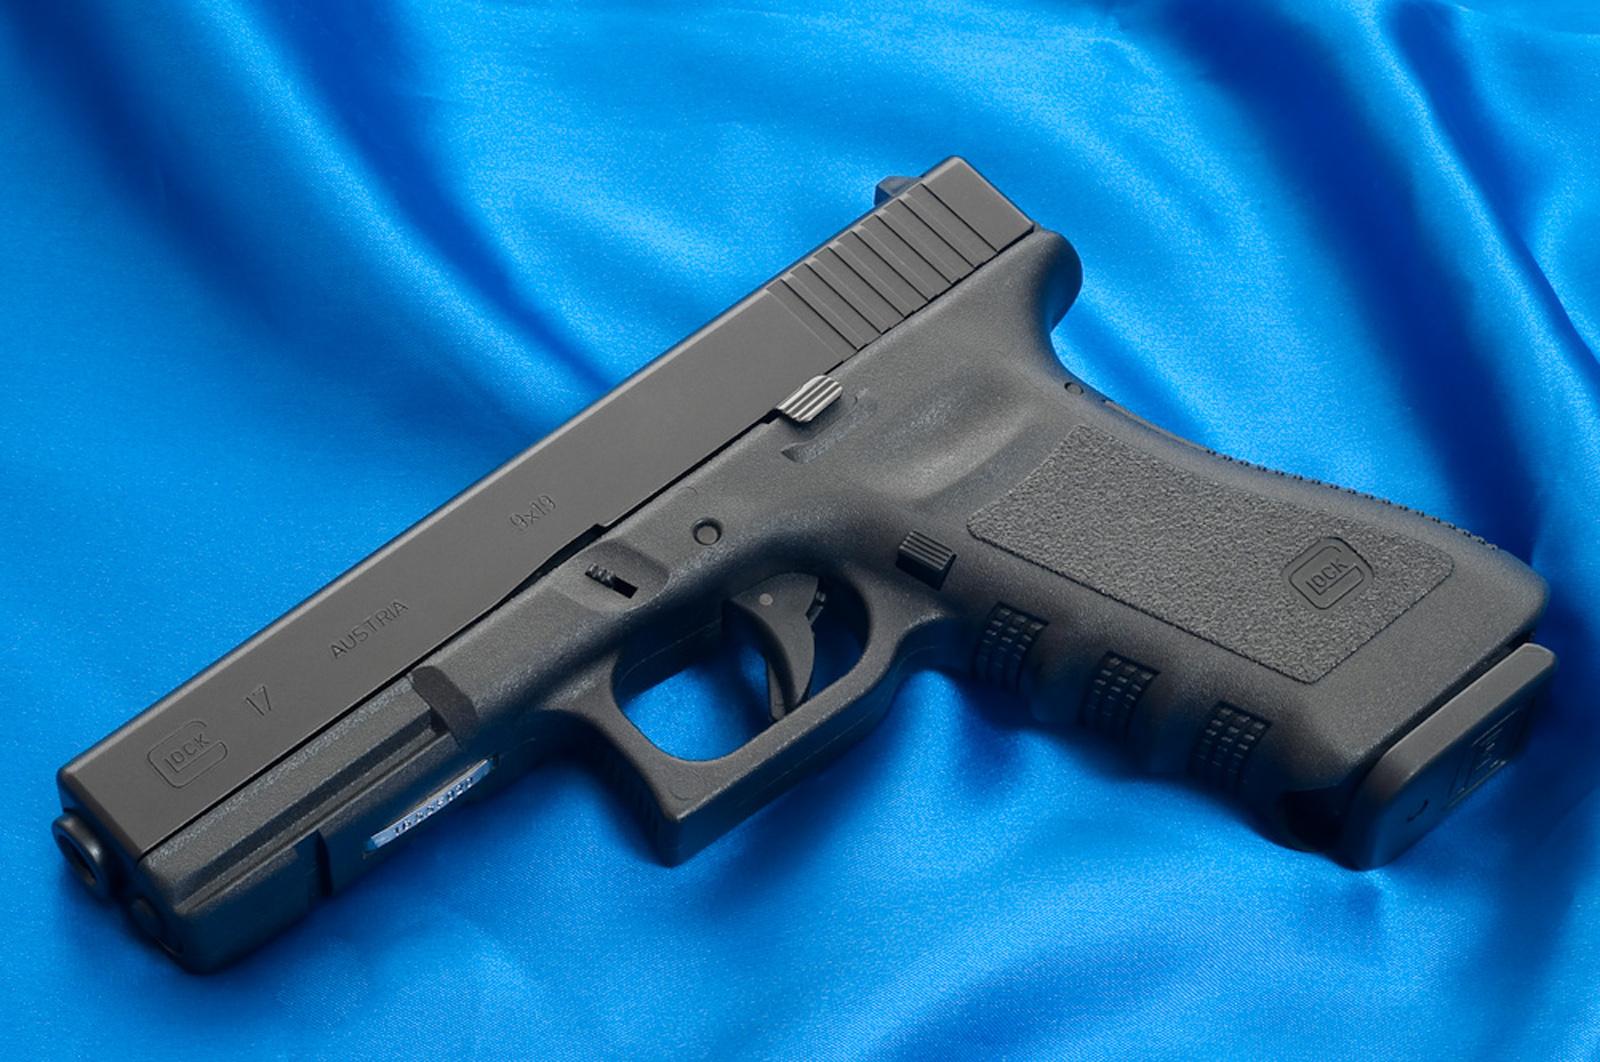 Glock 17 HD Wallpapers | Desktop Wallpapers